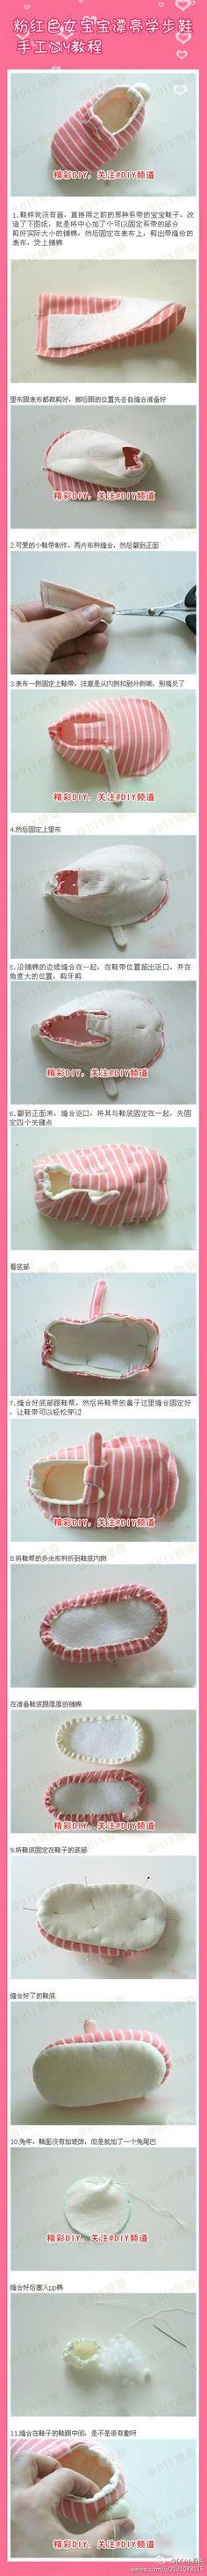 Bastante rosados femeninos zapatos de bebé de niño hecho a mano tutorial diy